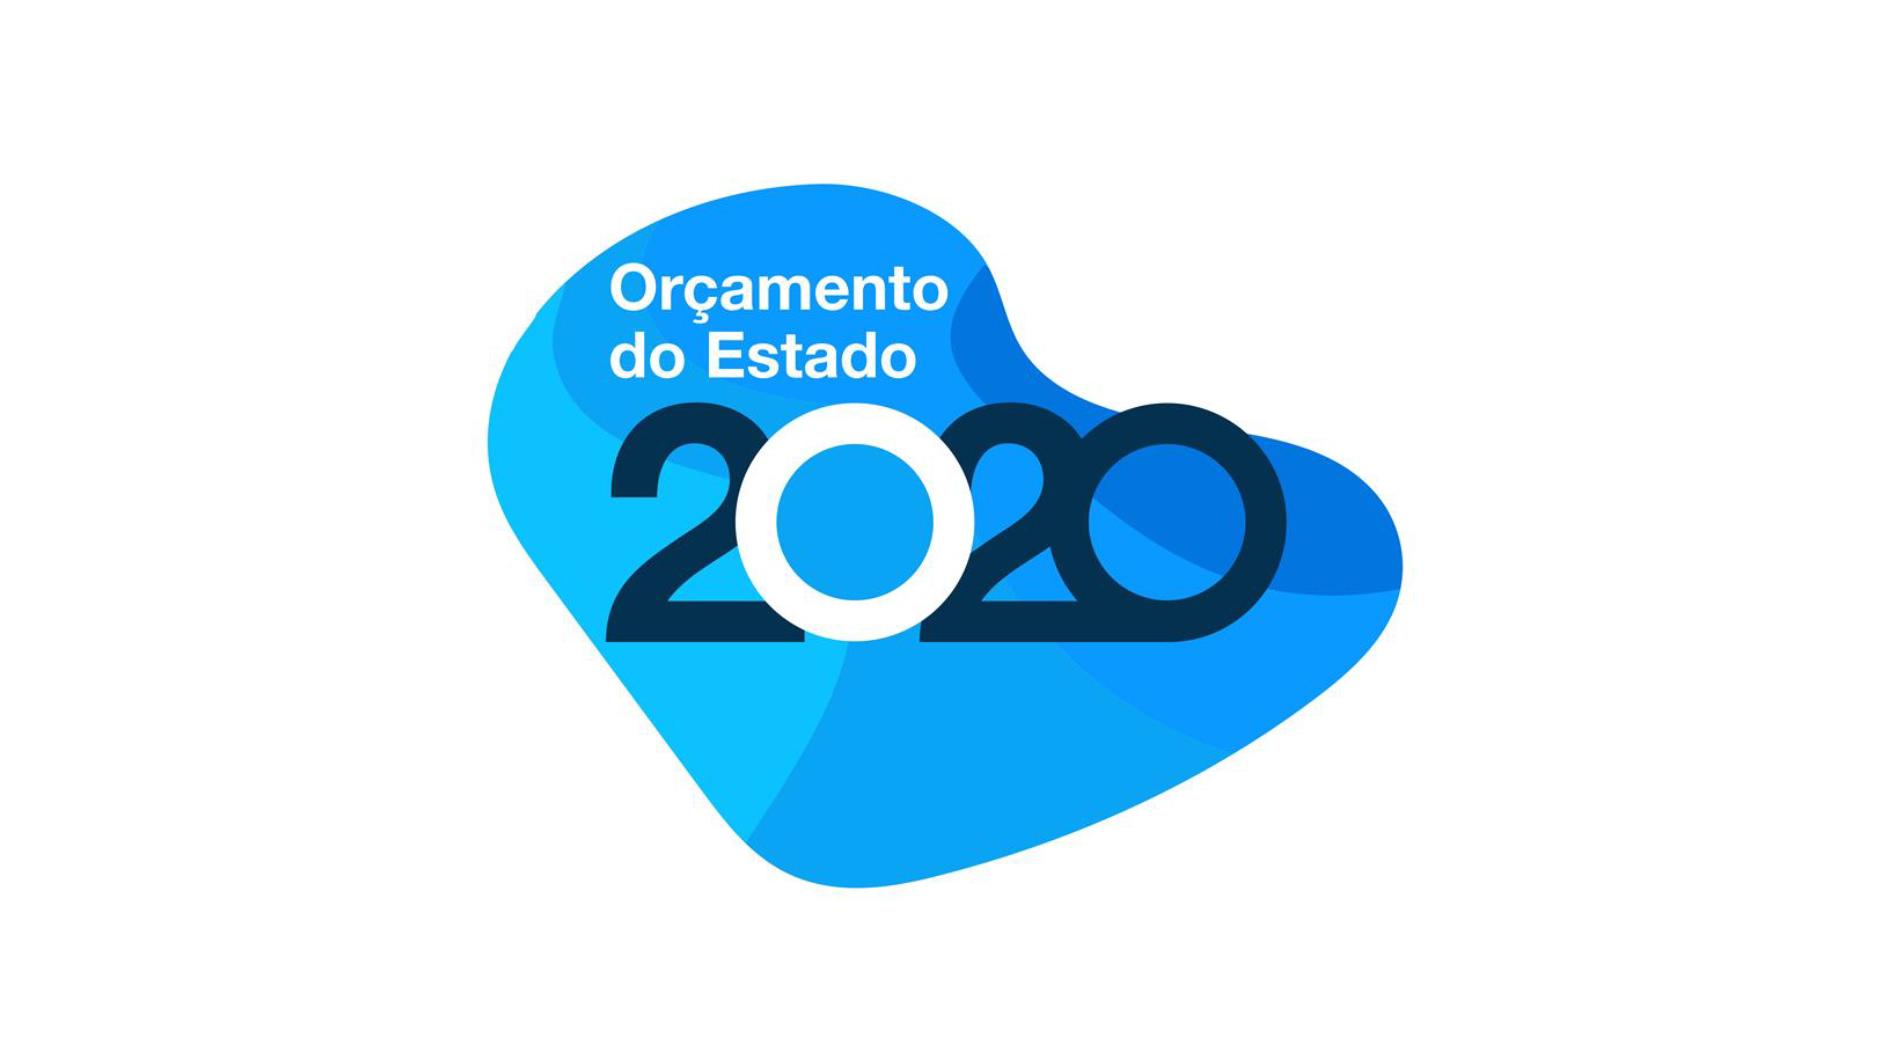 Resultado de imagem para ORÇAMENTO 2020